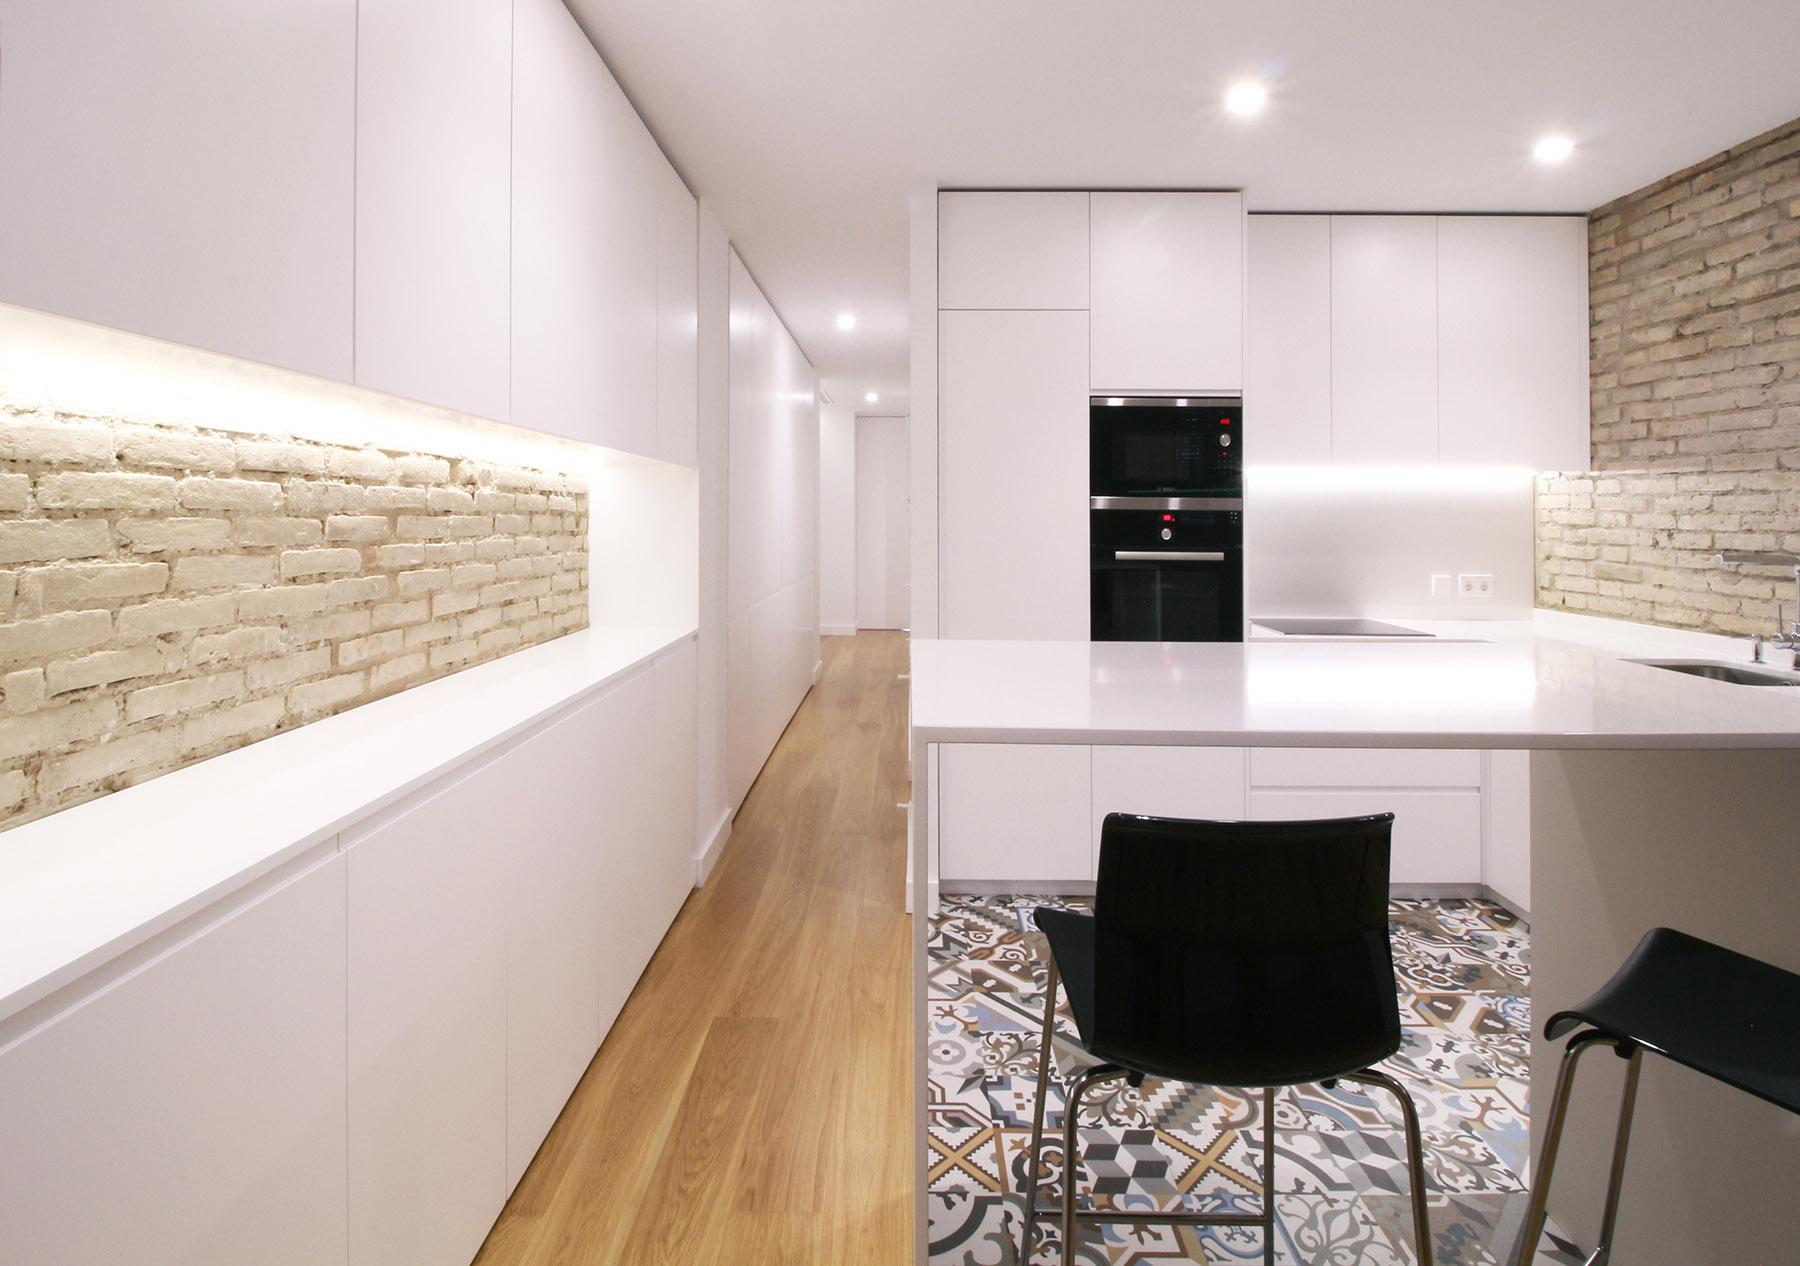 Muebles de cocina, ¿qué material elijo sin equivocarme?